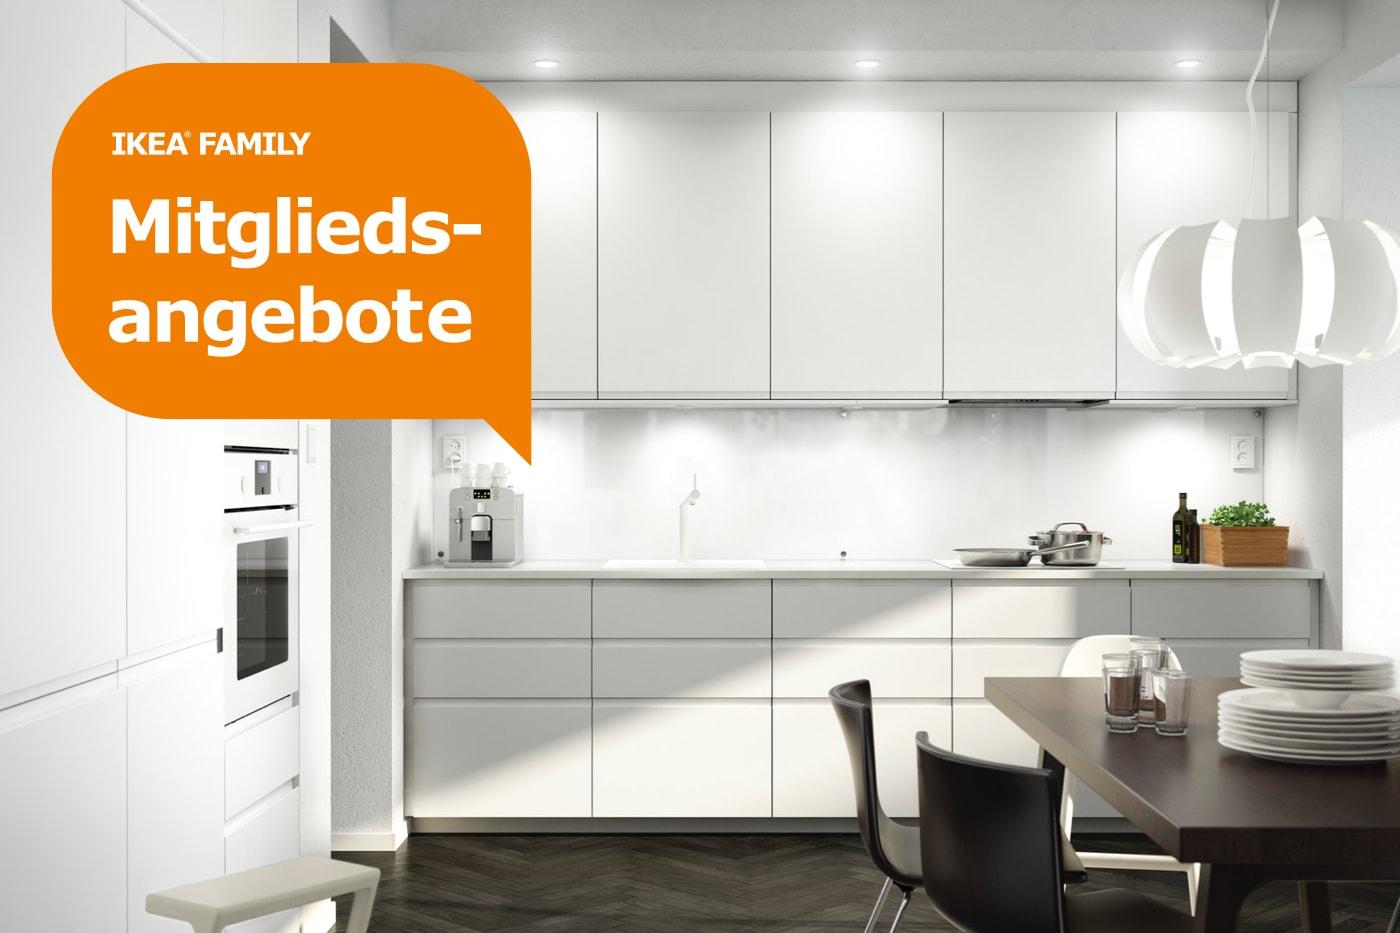 Outdoor Küche Ikea Family : Küche küchenmöbel für dein zuhause ikea